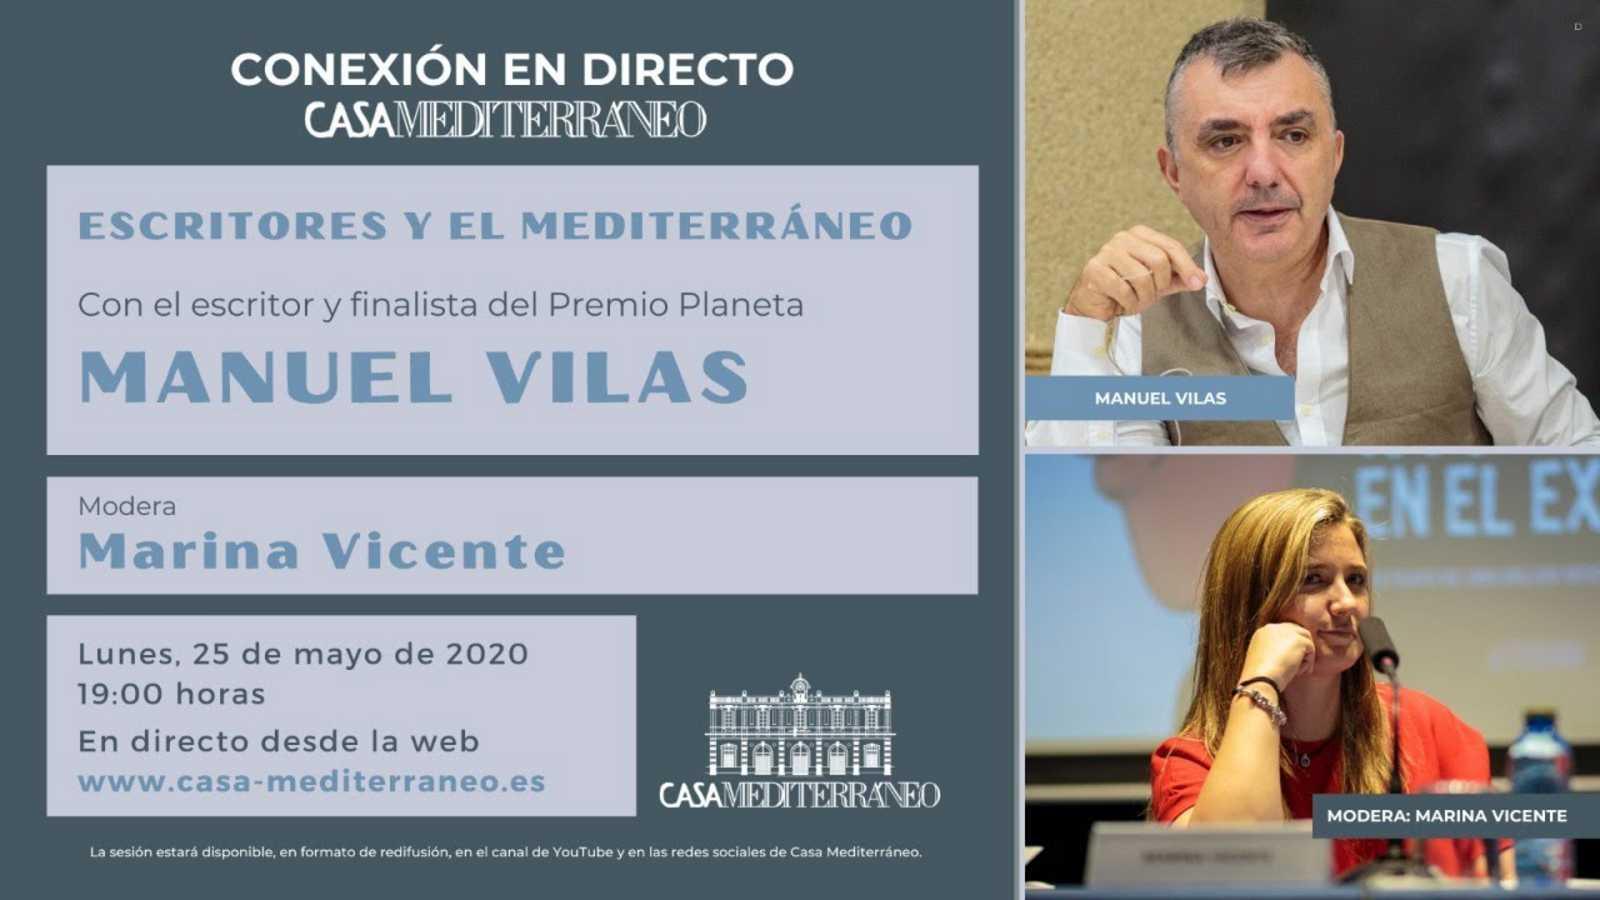 El mundo desde las Casas - 'Escritores y el Mediterráneo': Manuel Vilas - 25/05/20 - Escuchar ahora